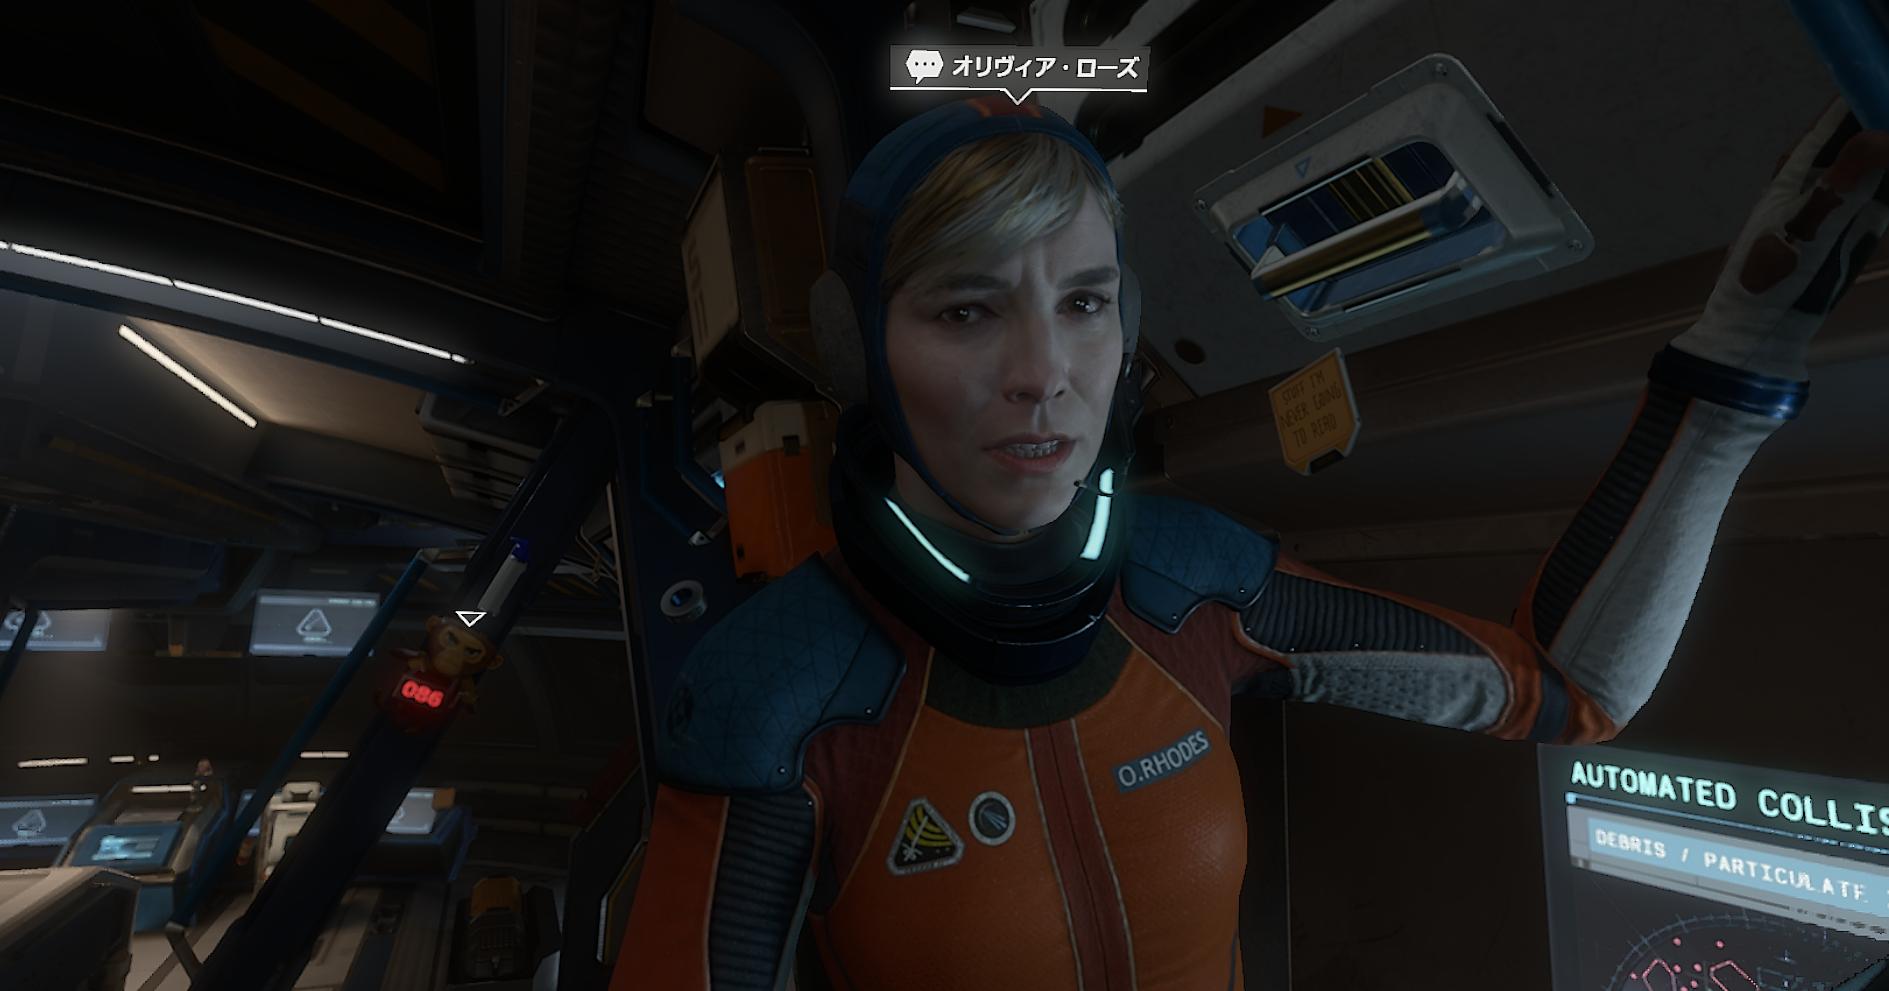 宇宙飛行士になれる!VRゲーム【Lone Echo】感想レビュー!日本語化もしています!2